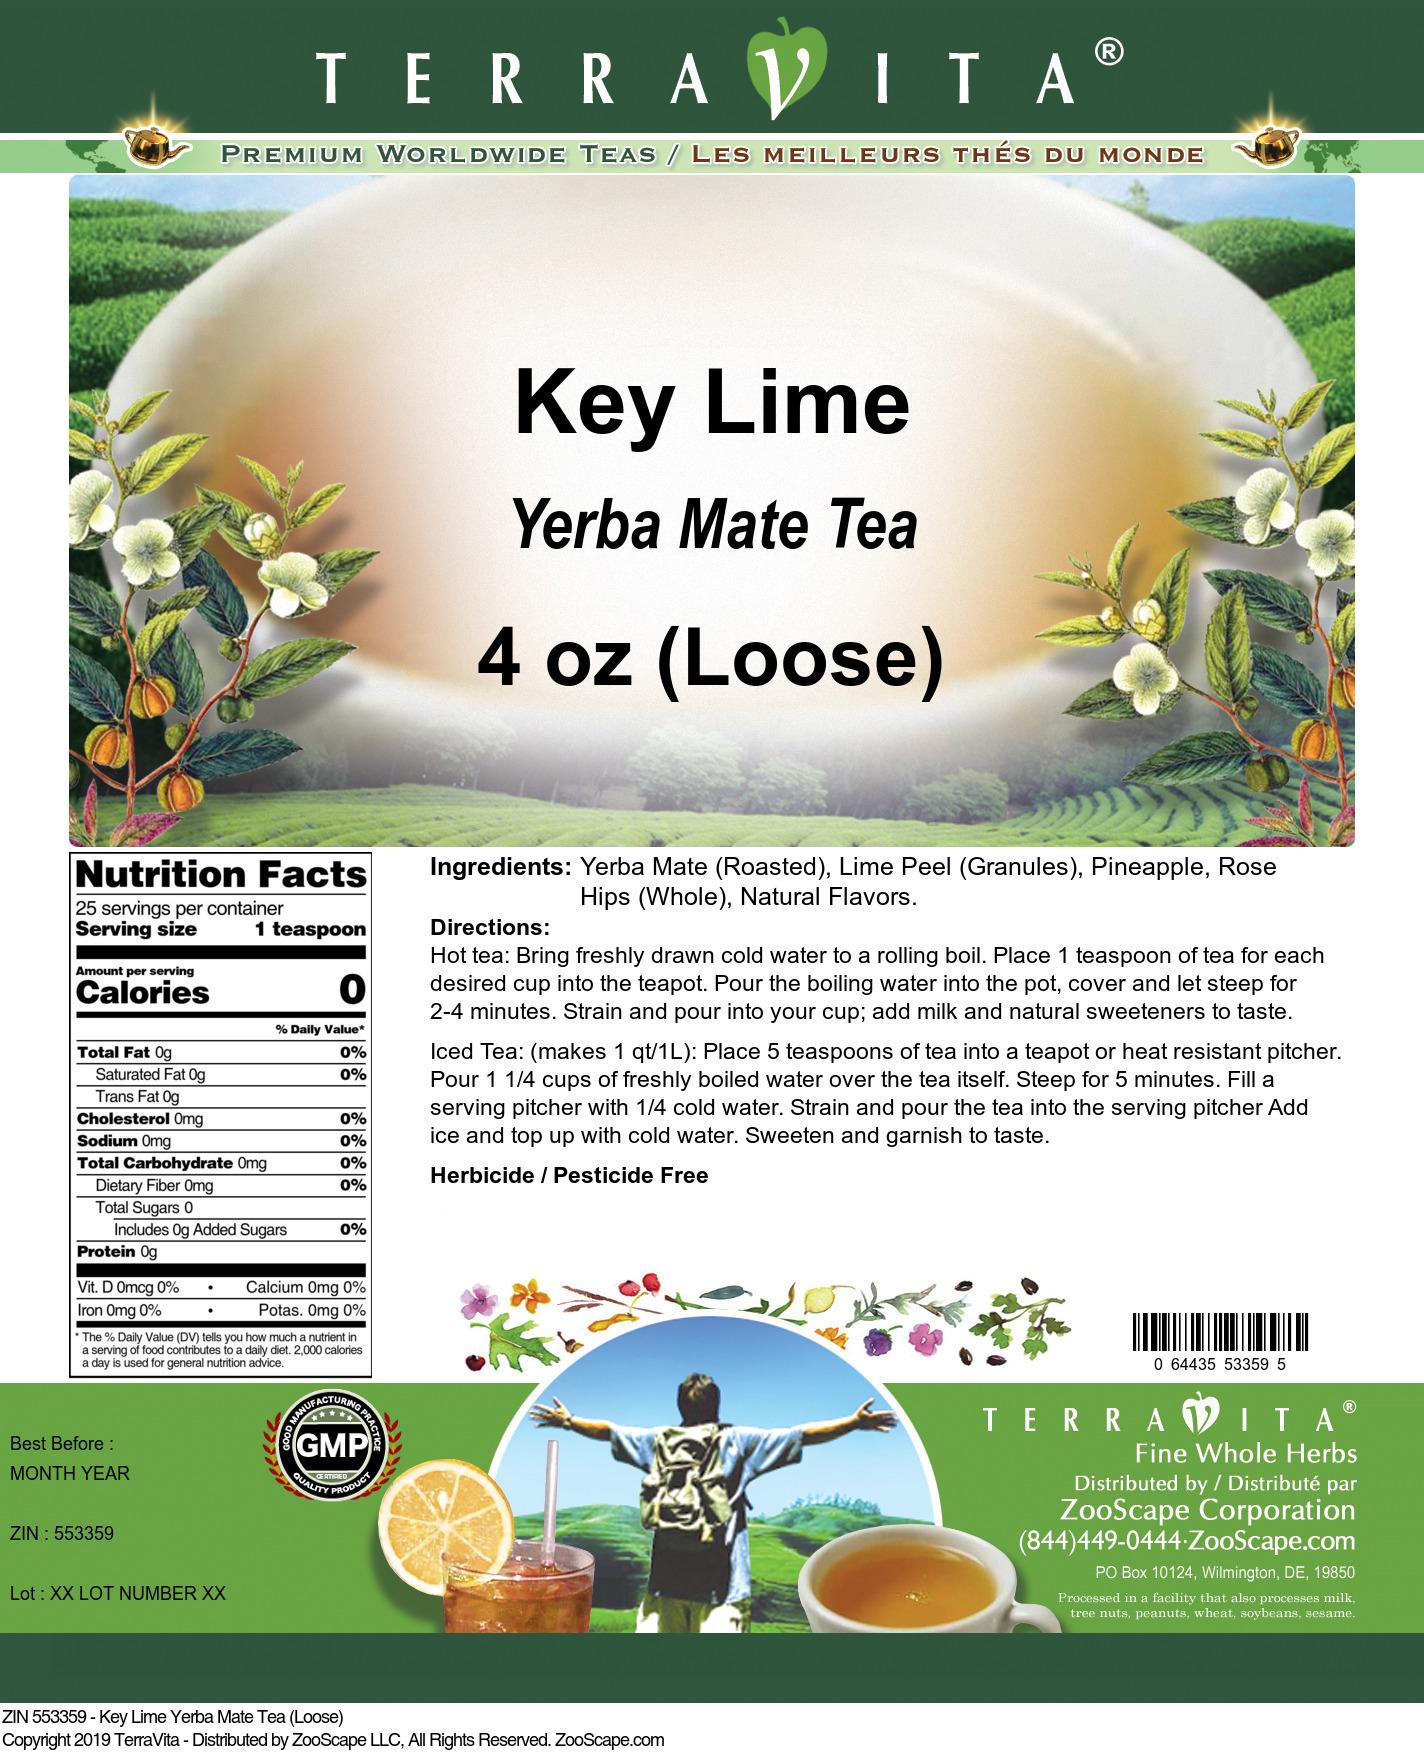 Key Lime Yerba Mate Tea (Loose)